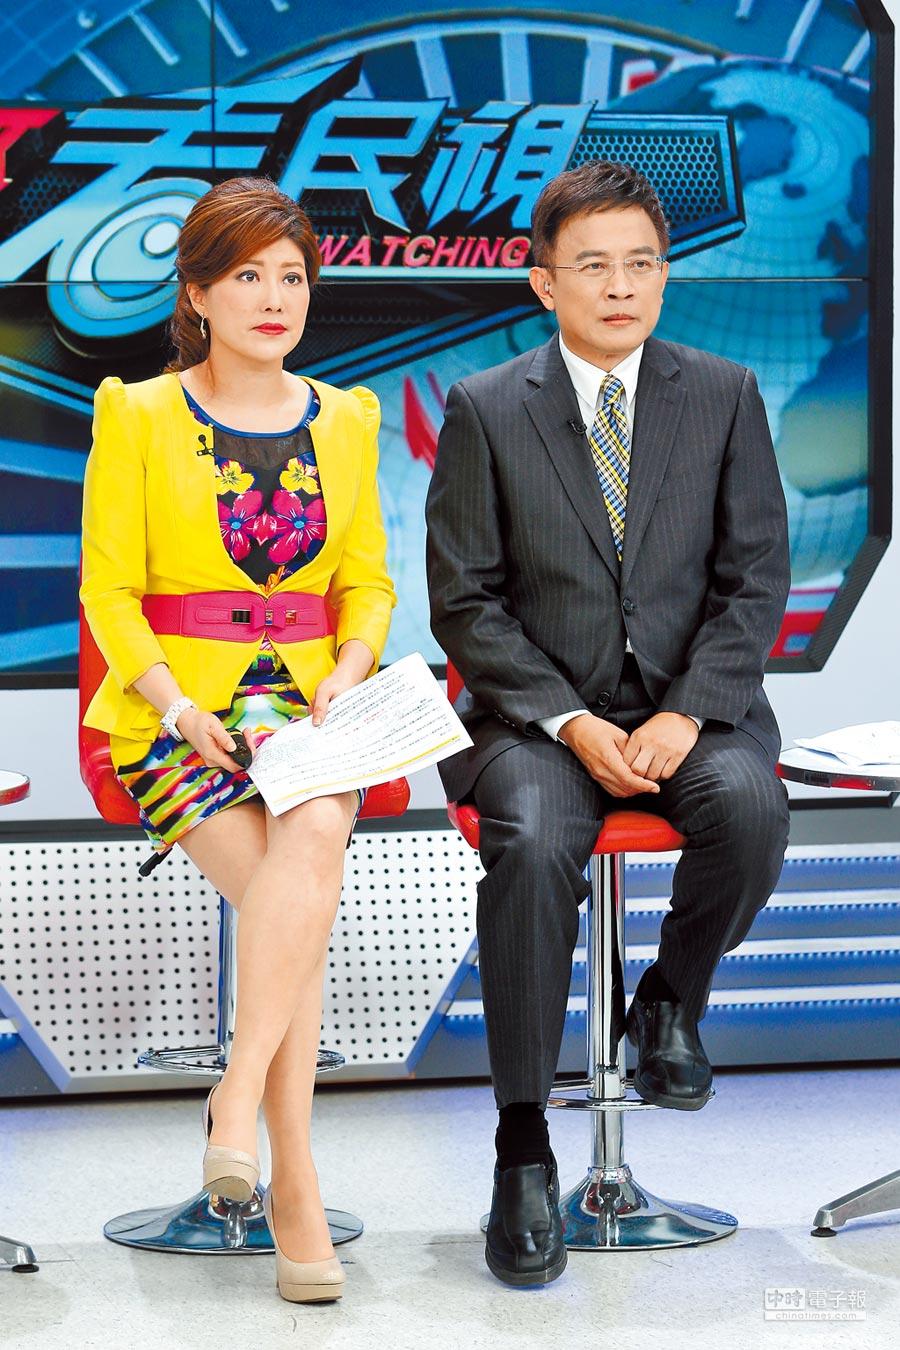 彭文正(右)與李晶玉主持的《政經看民視》被檢討製作成本高、收視不佳將收攤。(資料照片)